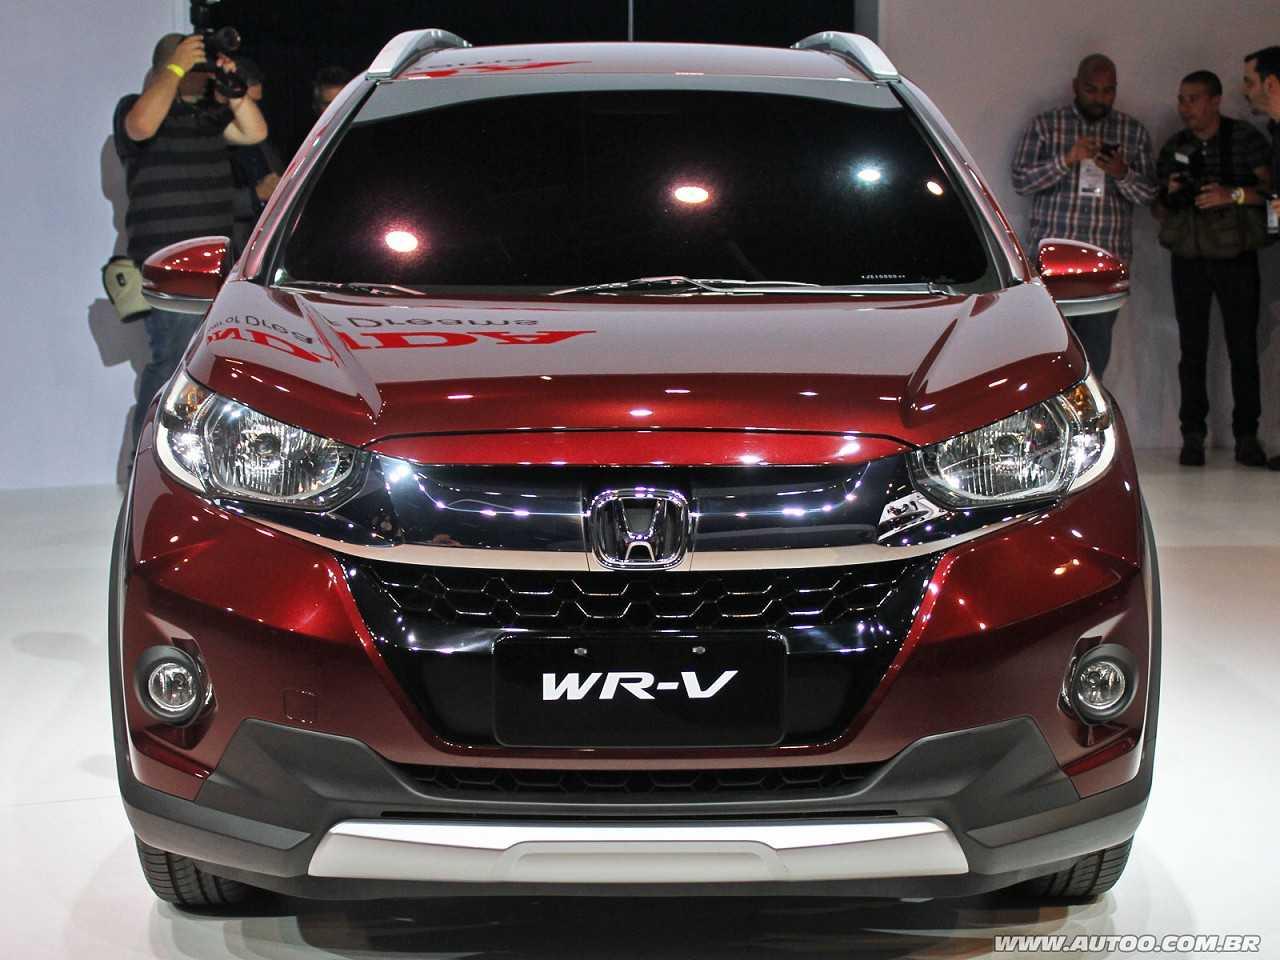 HondaWR-V 2017 - frente